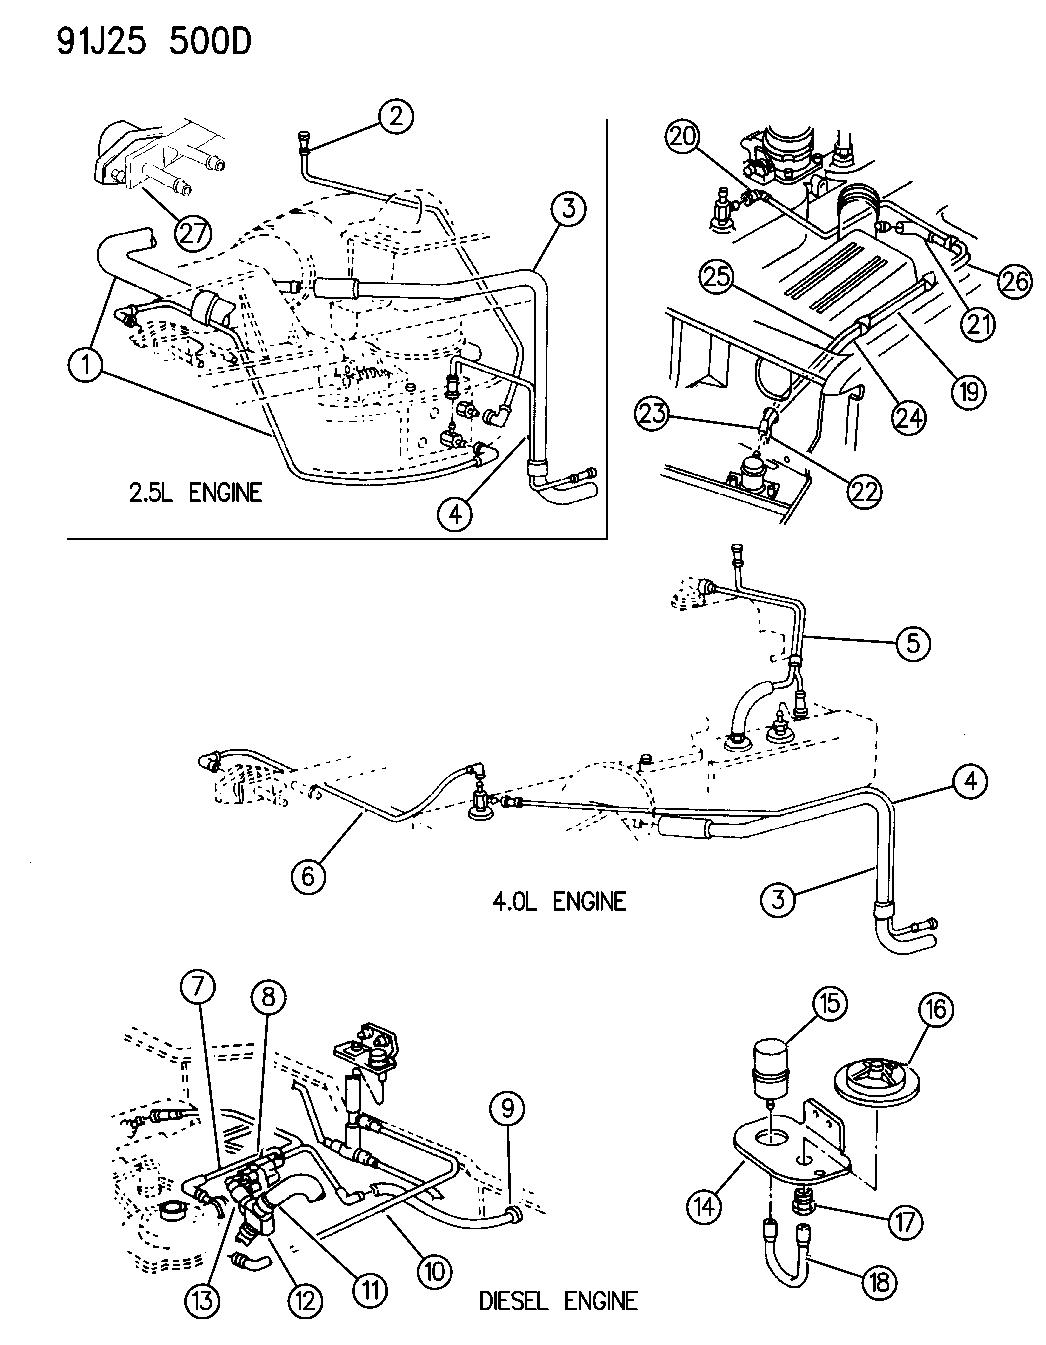 1991 Jeep Wrangler Vacuum Harness - Mopar Parts GiantMopar Parts Giant